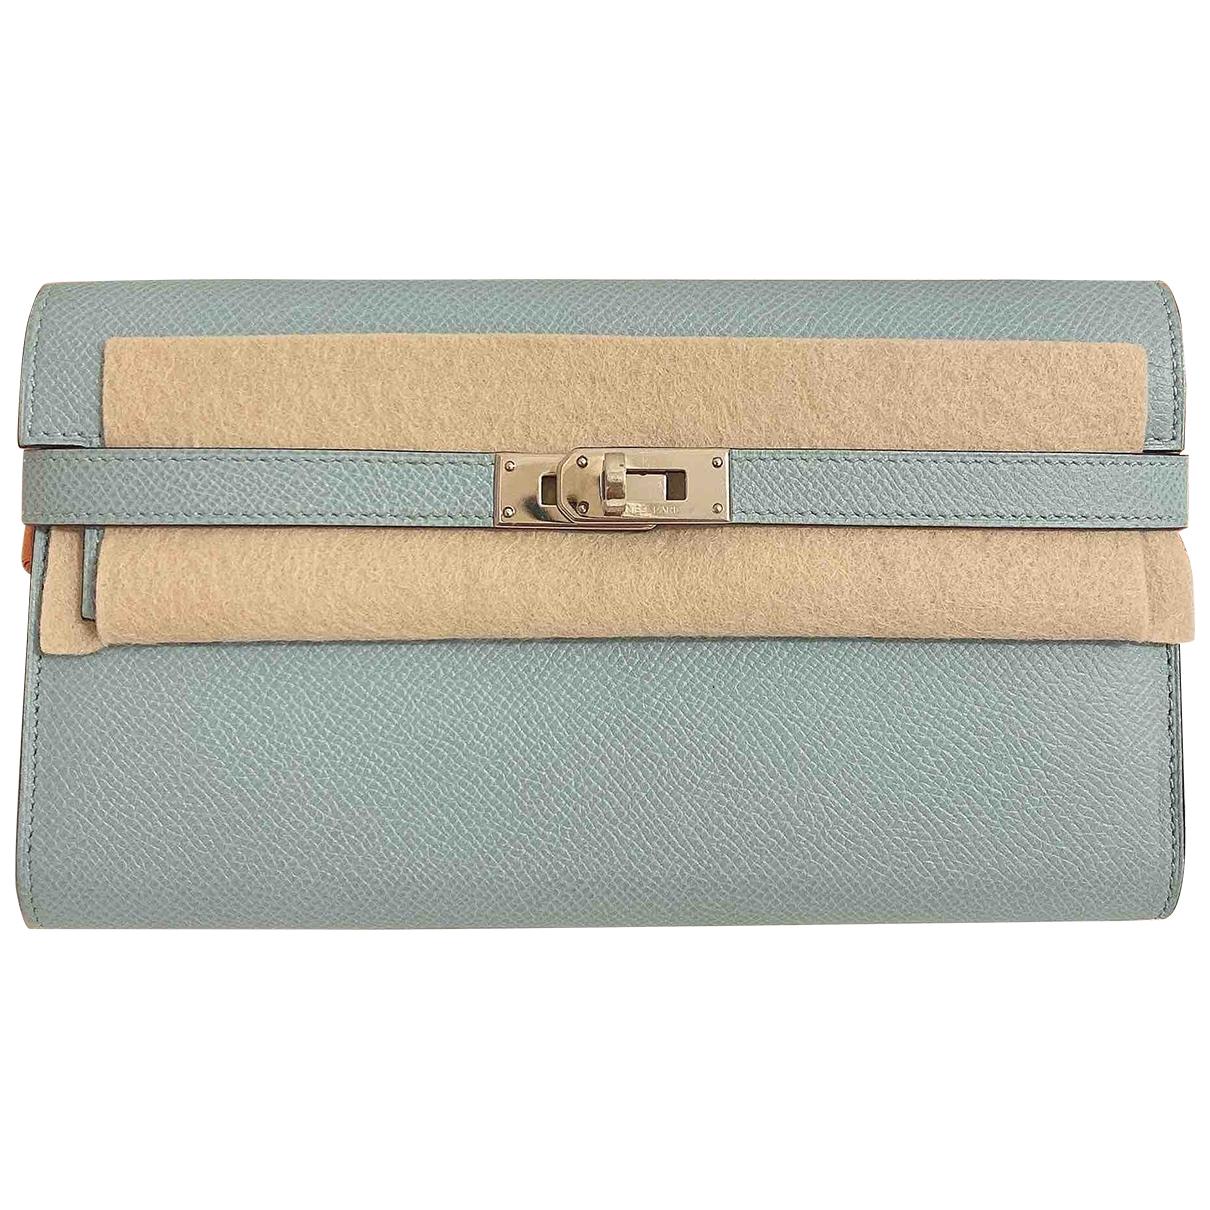 Hermes - Portefeuille Kelly pour femme en cuir - turquoise